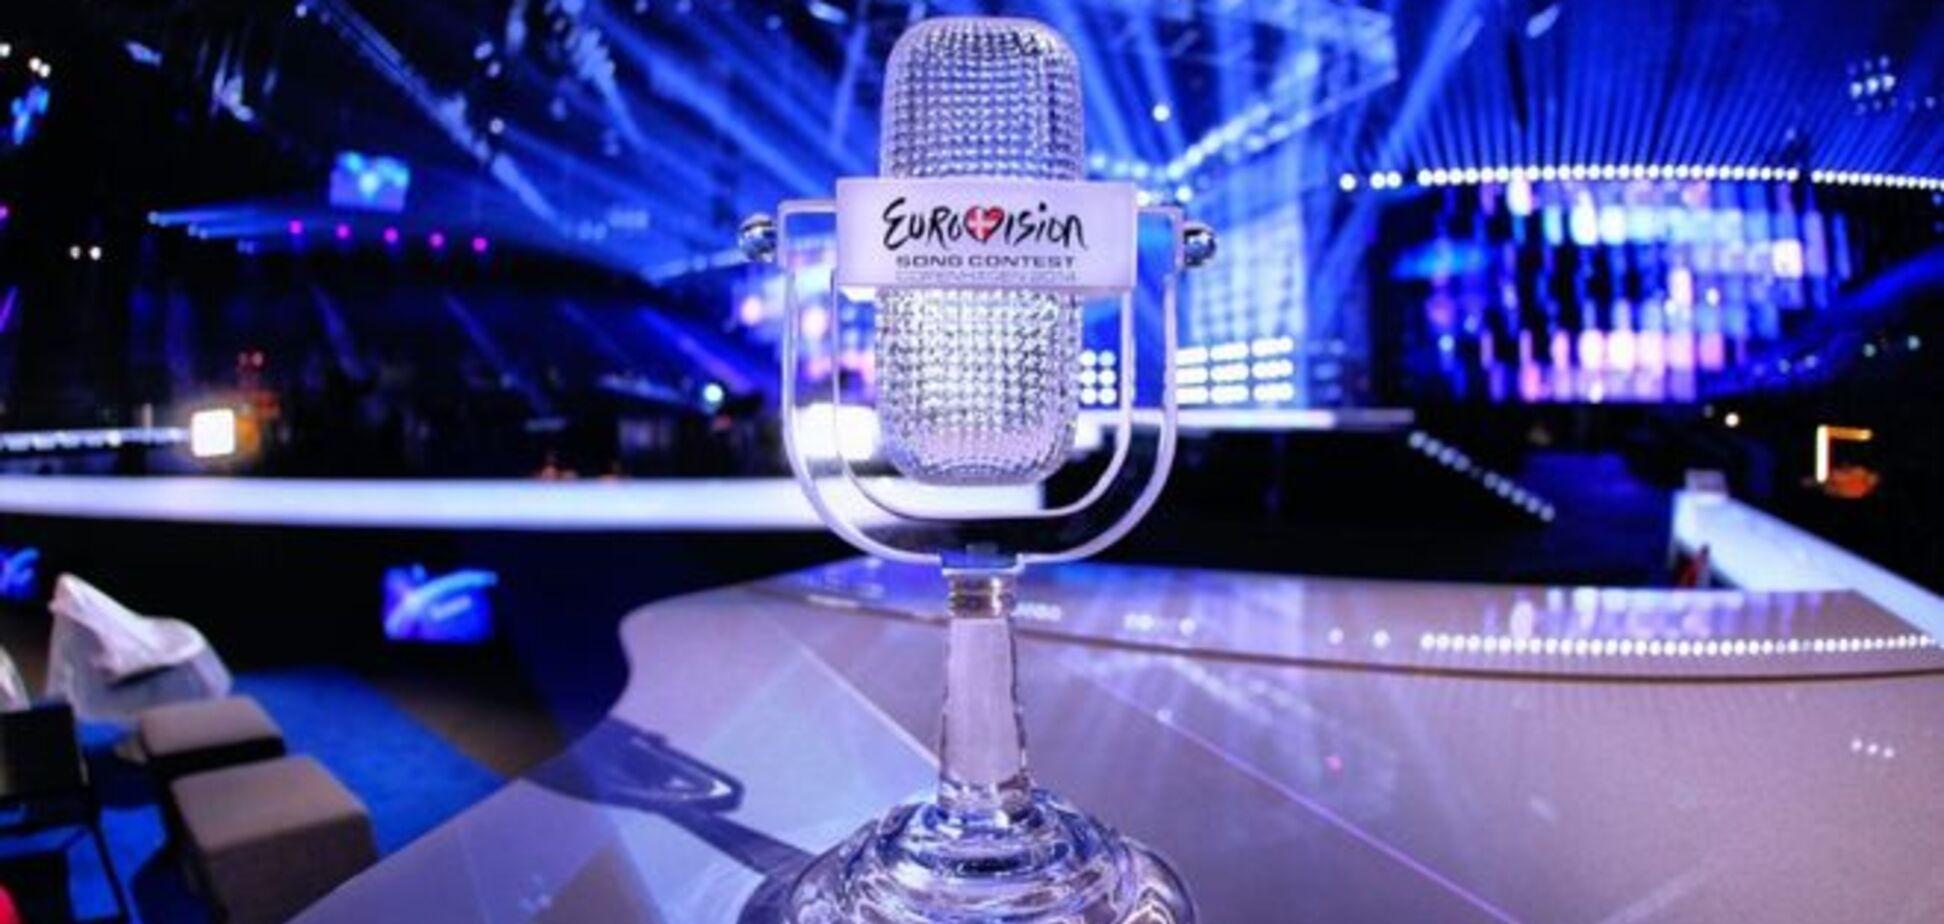 Патриарх Кирилл хочет заменить 'Евровидение' на 'Россиявидение'